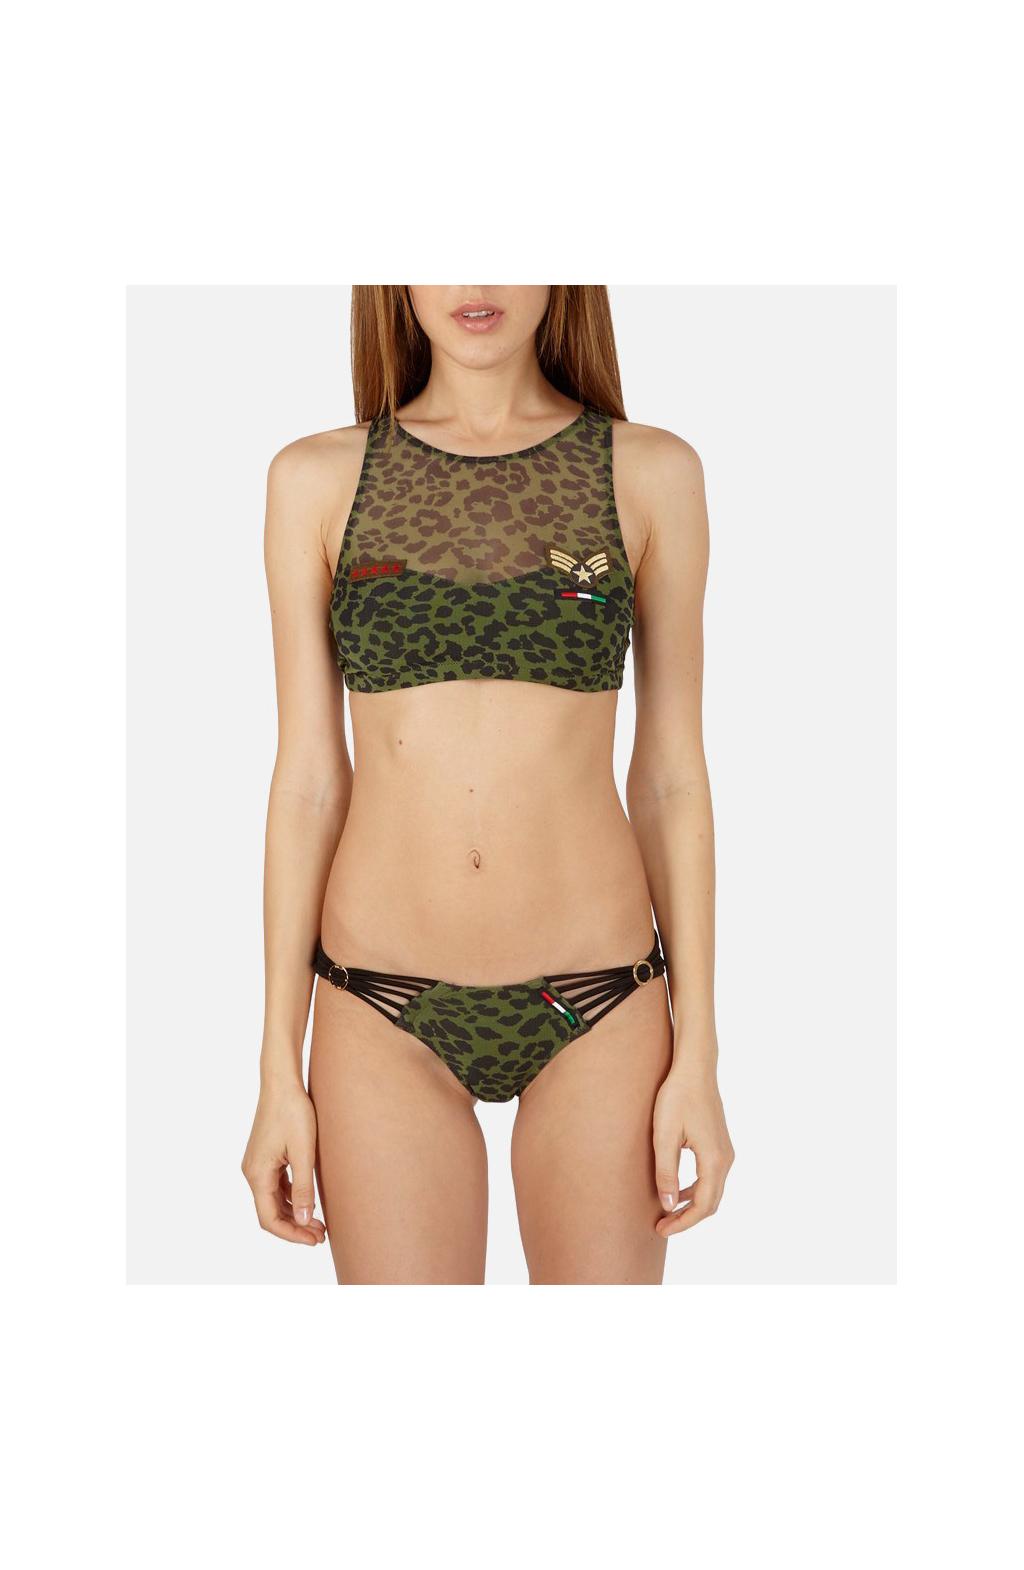 Bikini Crop-Top stampa Camoanimalier con applicazione Mostrine militari